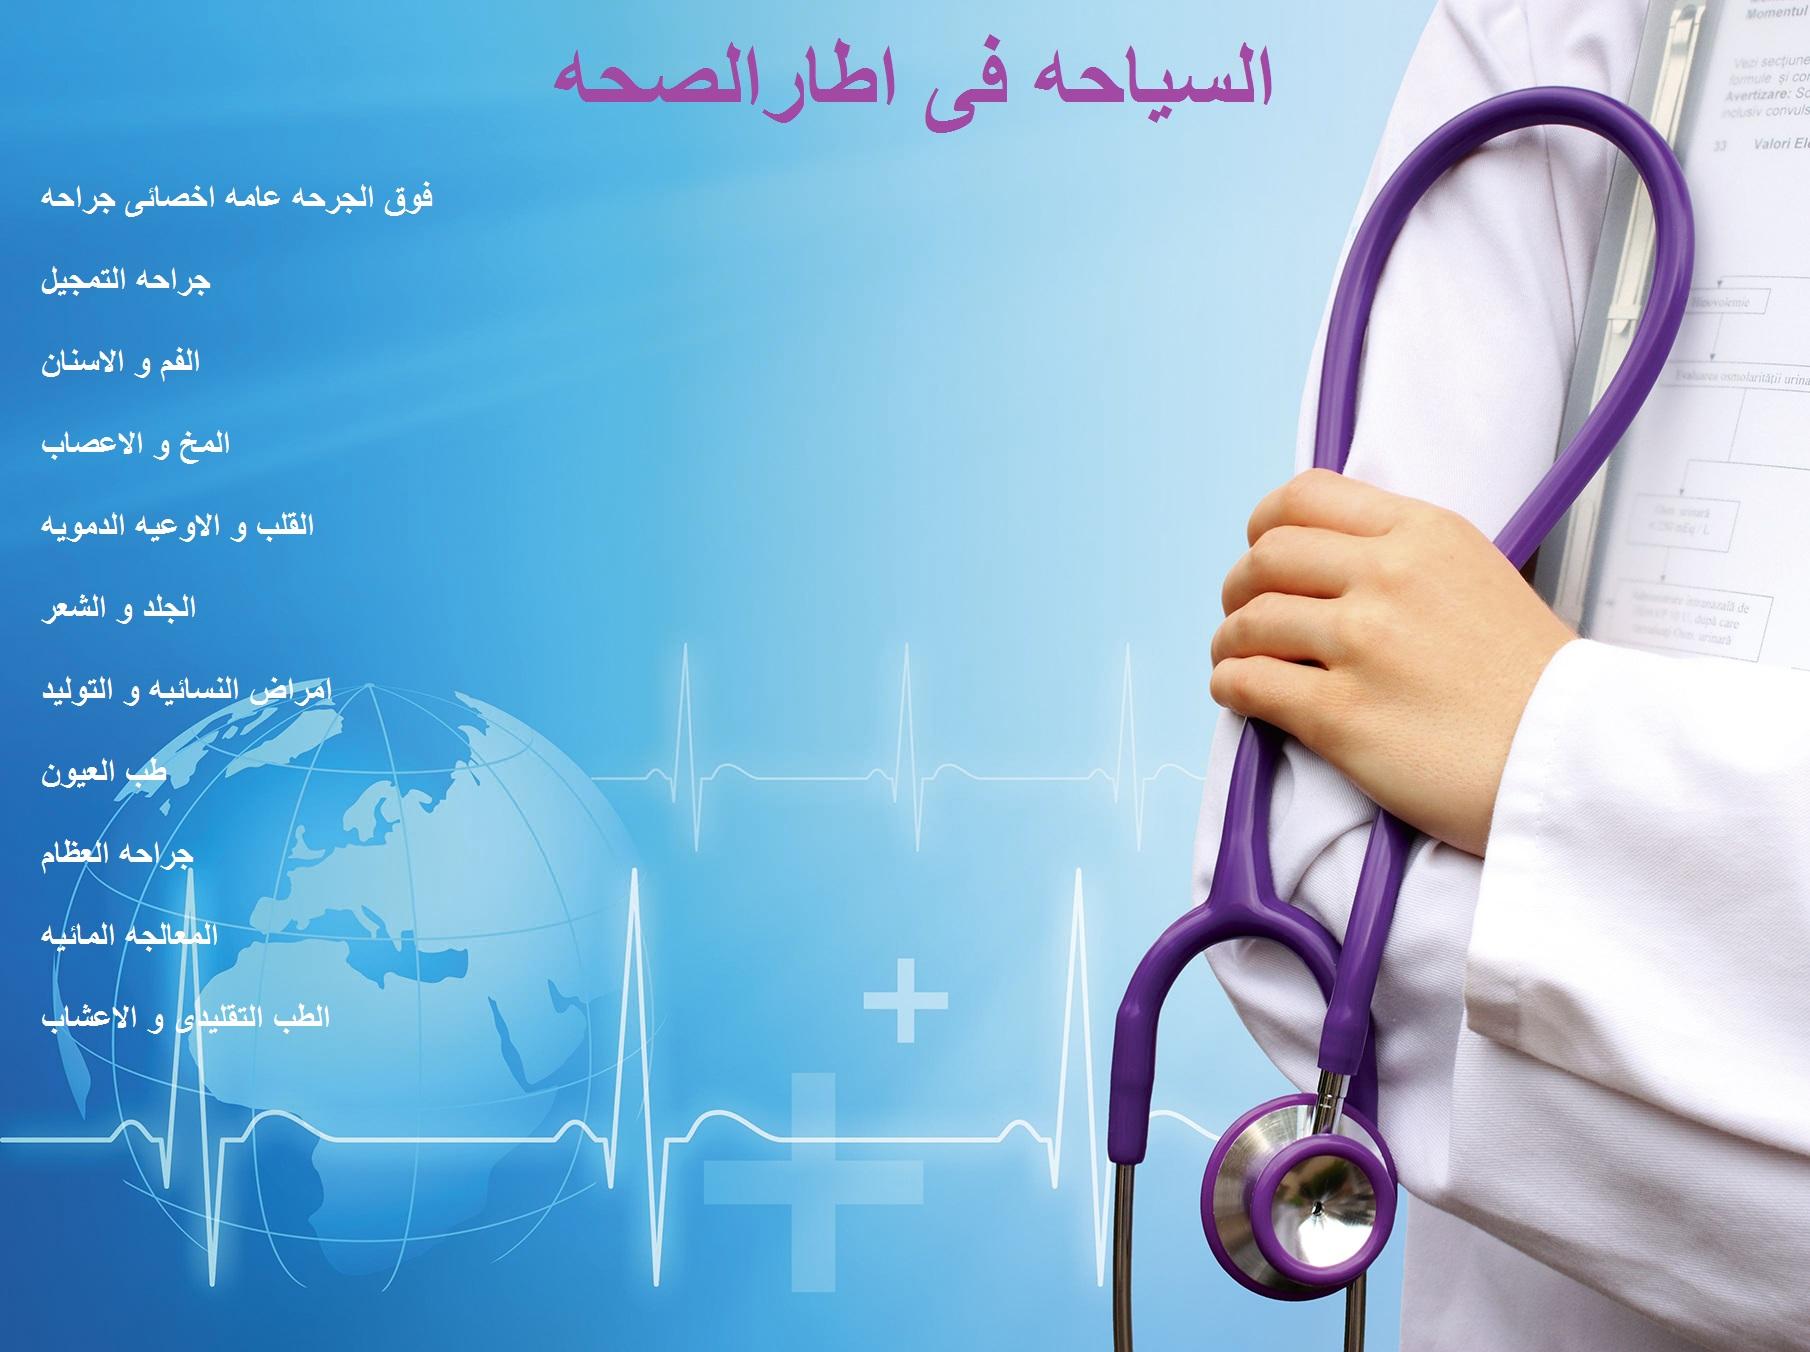 توریست درمانی :: سیگماسیر